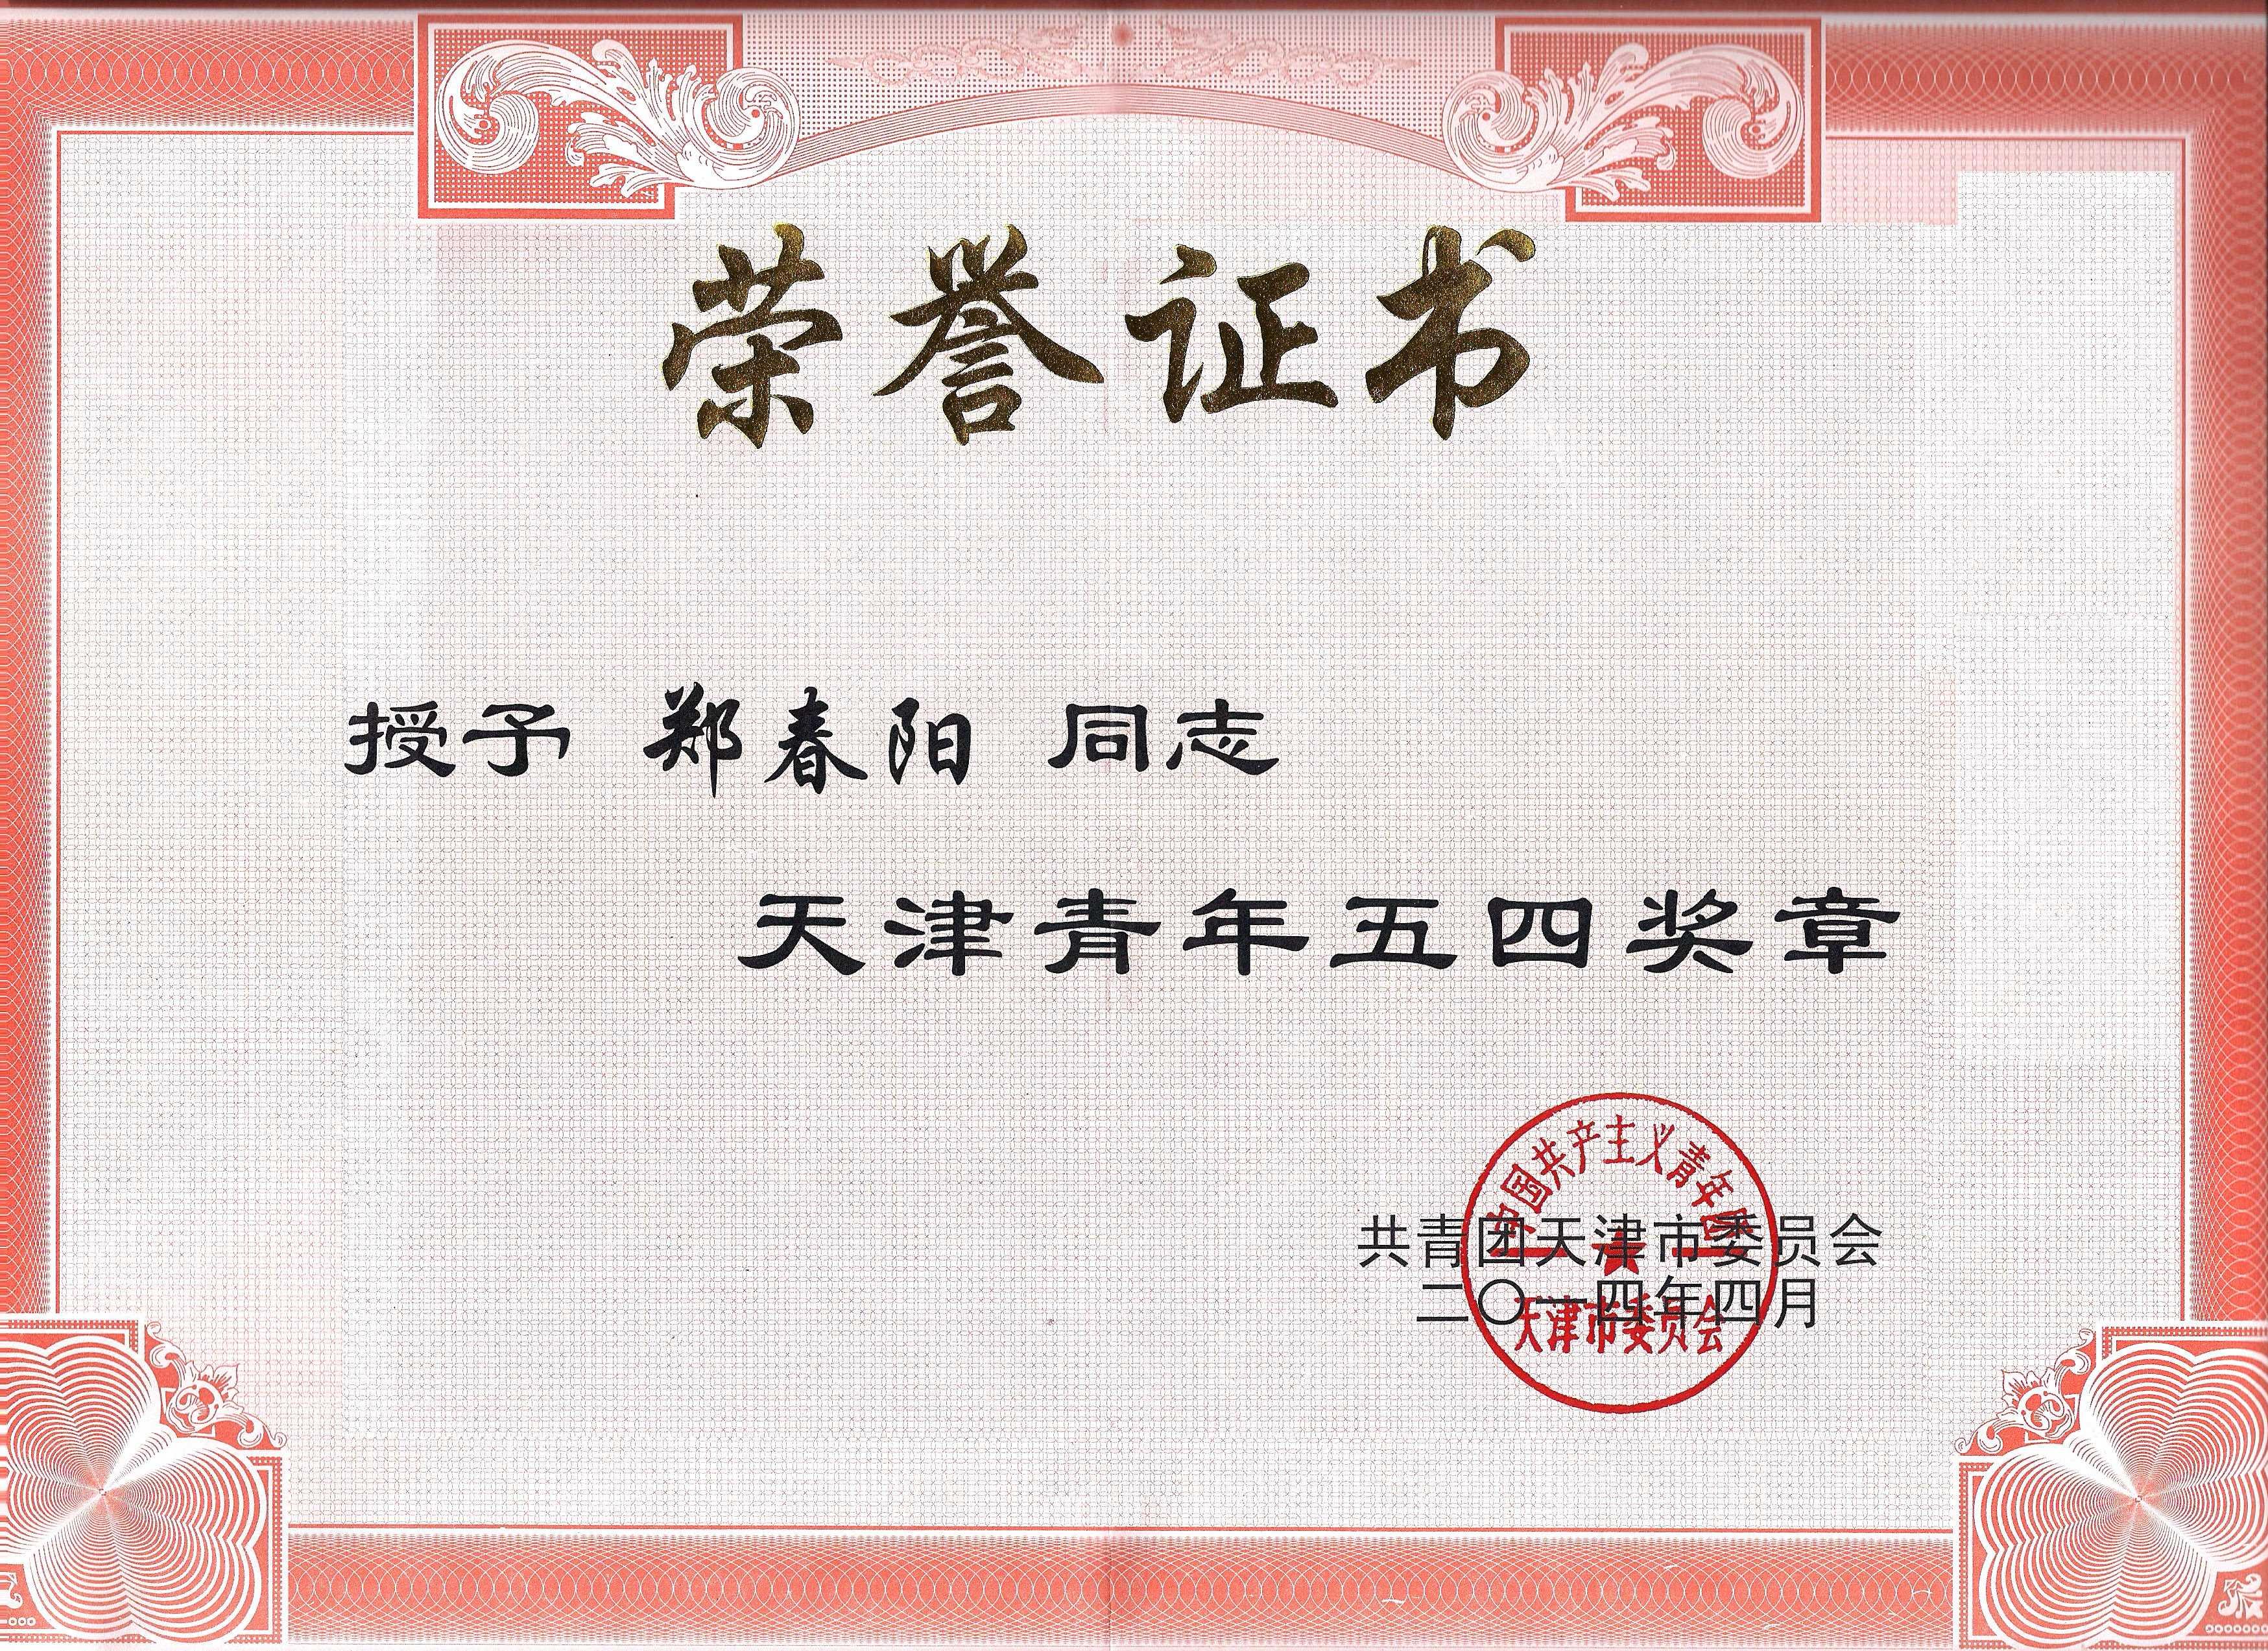 公司榮譽-五四青年獎章